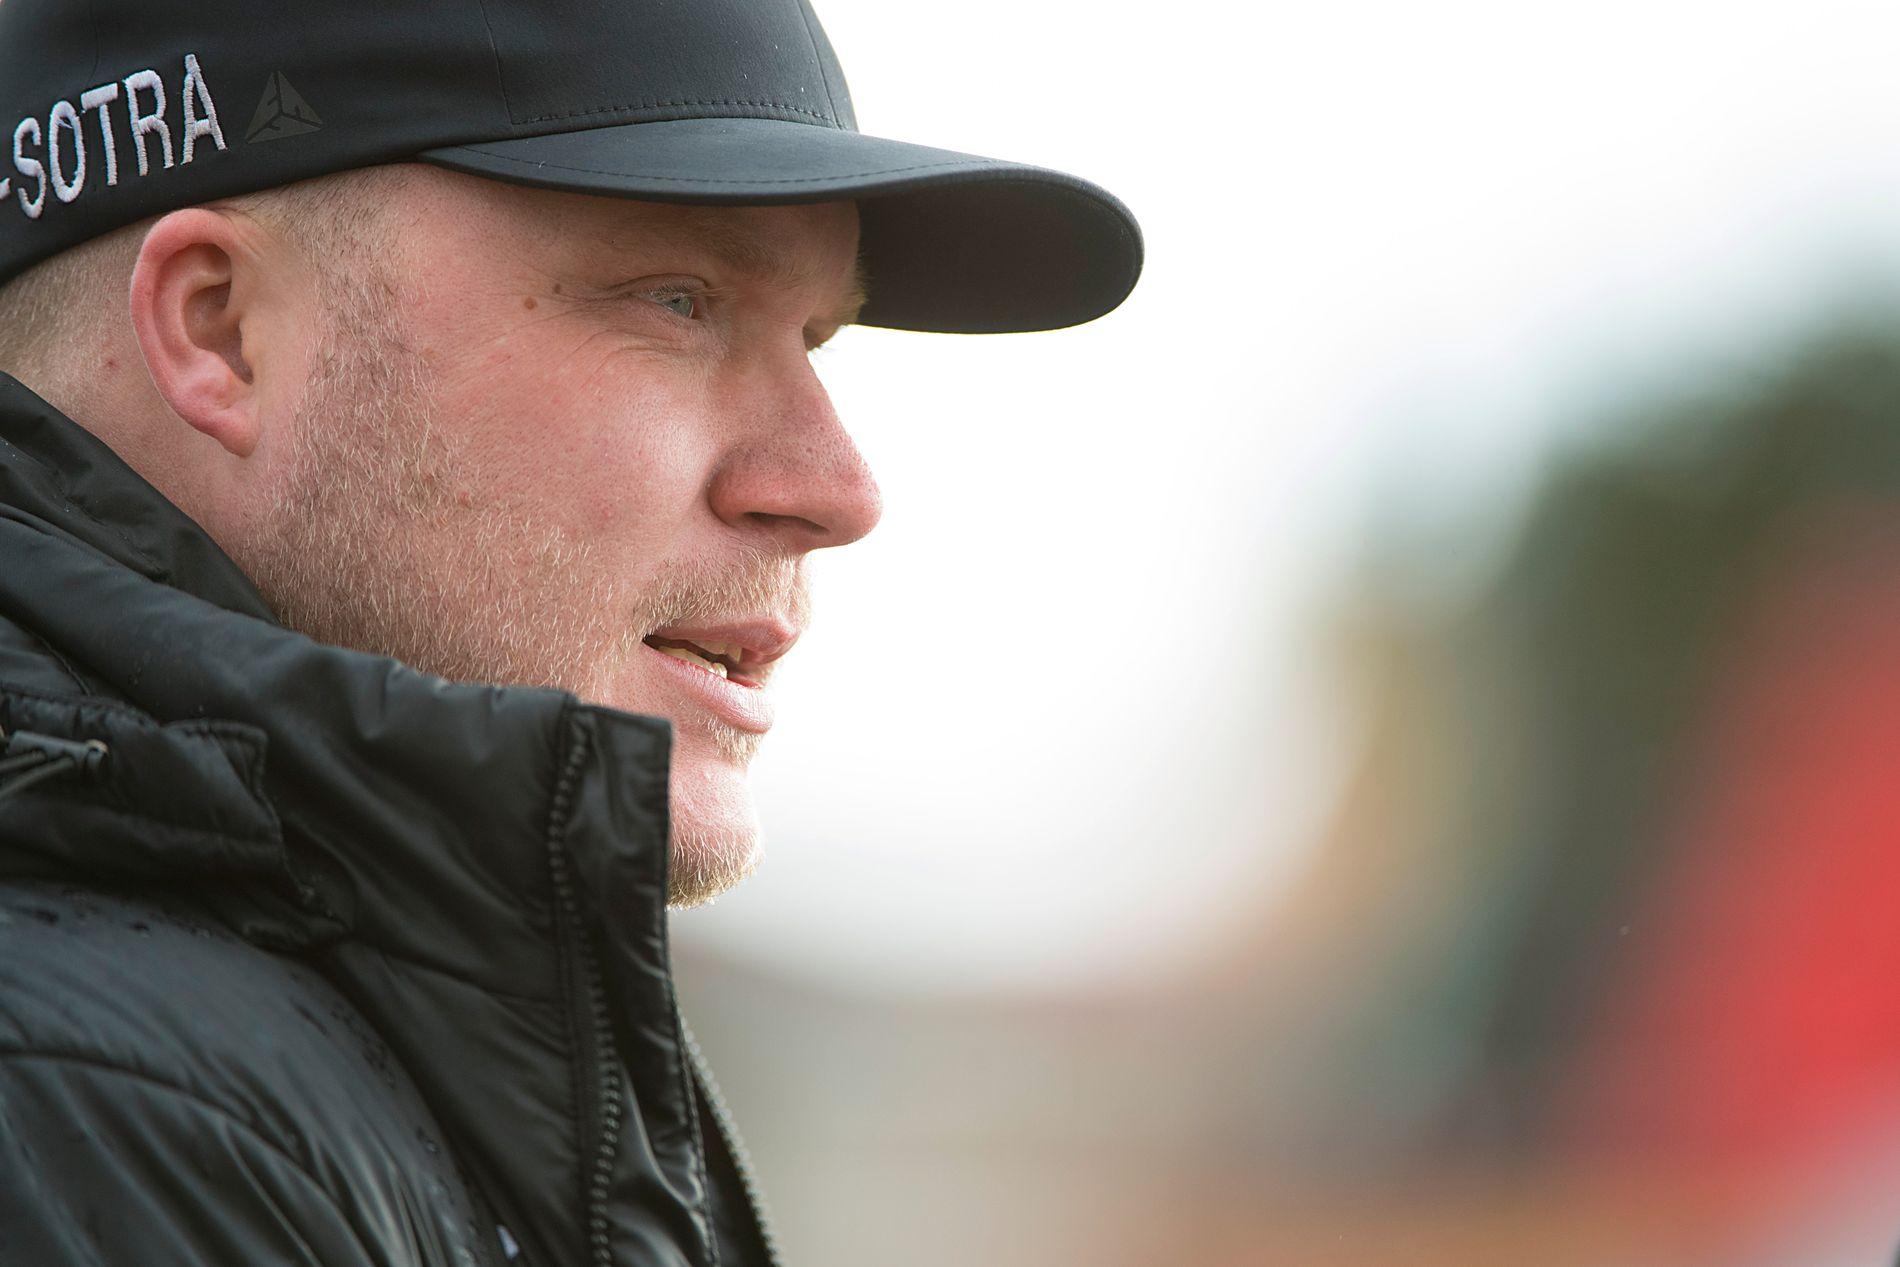 MISTER POENG: Nest-Sotra og trener Steffen Landro fratas ett poeng på grunn av økonomiske forhold.